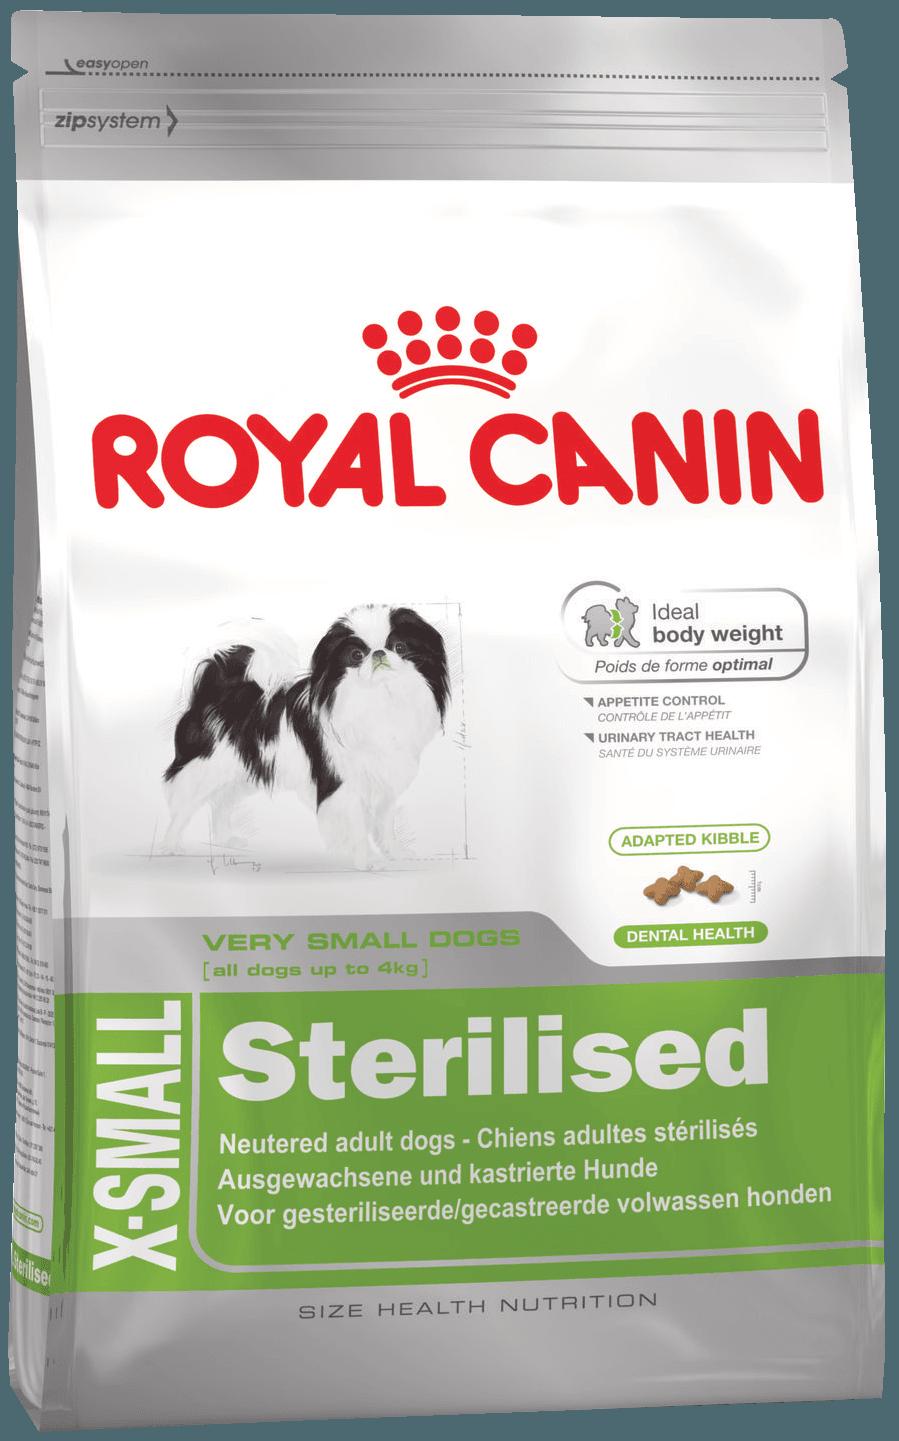 Royal Canin Икс Смол стерилайзд Эдалт 0,5кг Kormberi.ru магазин товаров для ваших животных